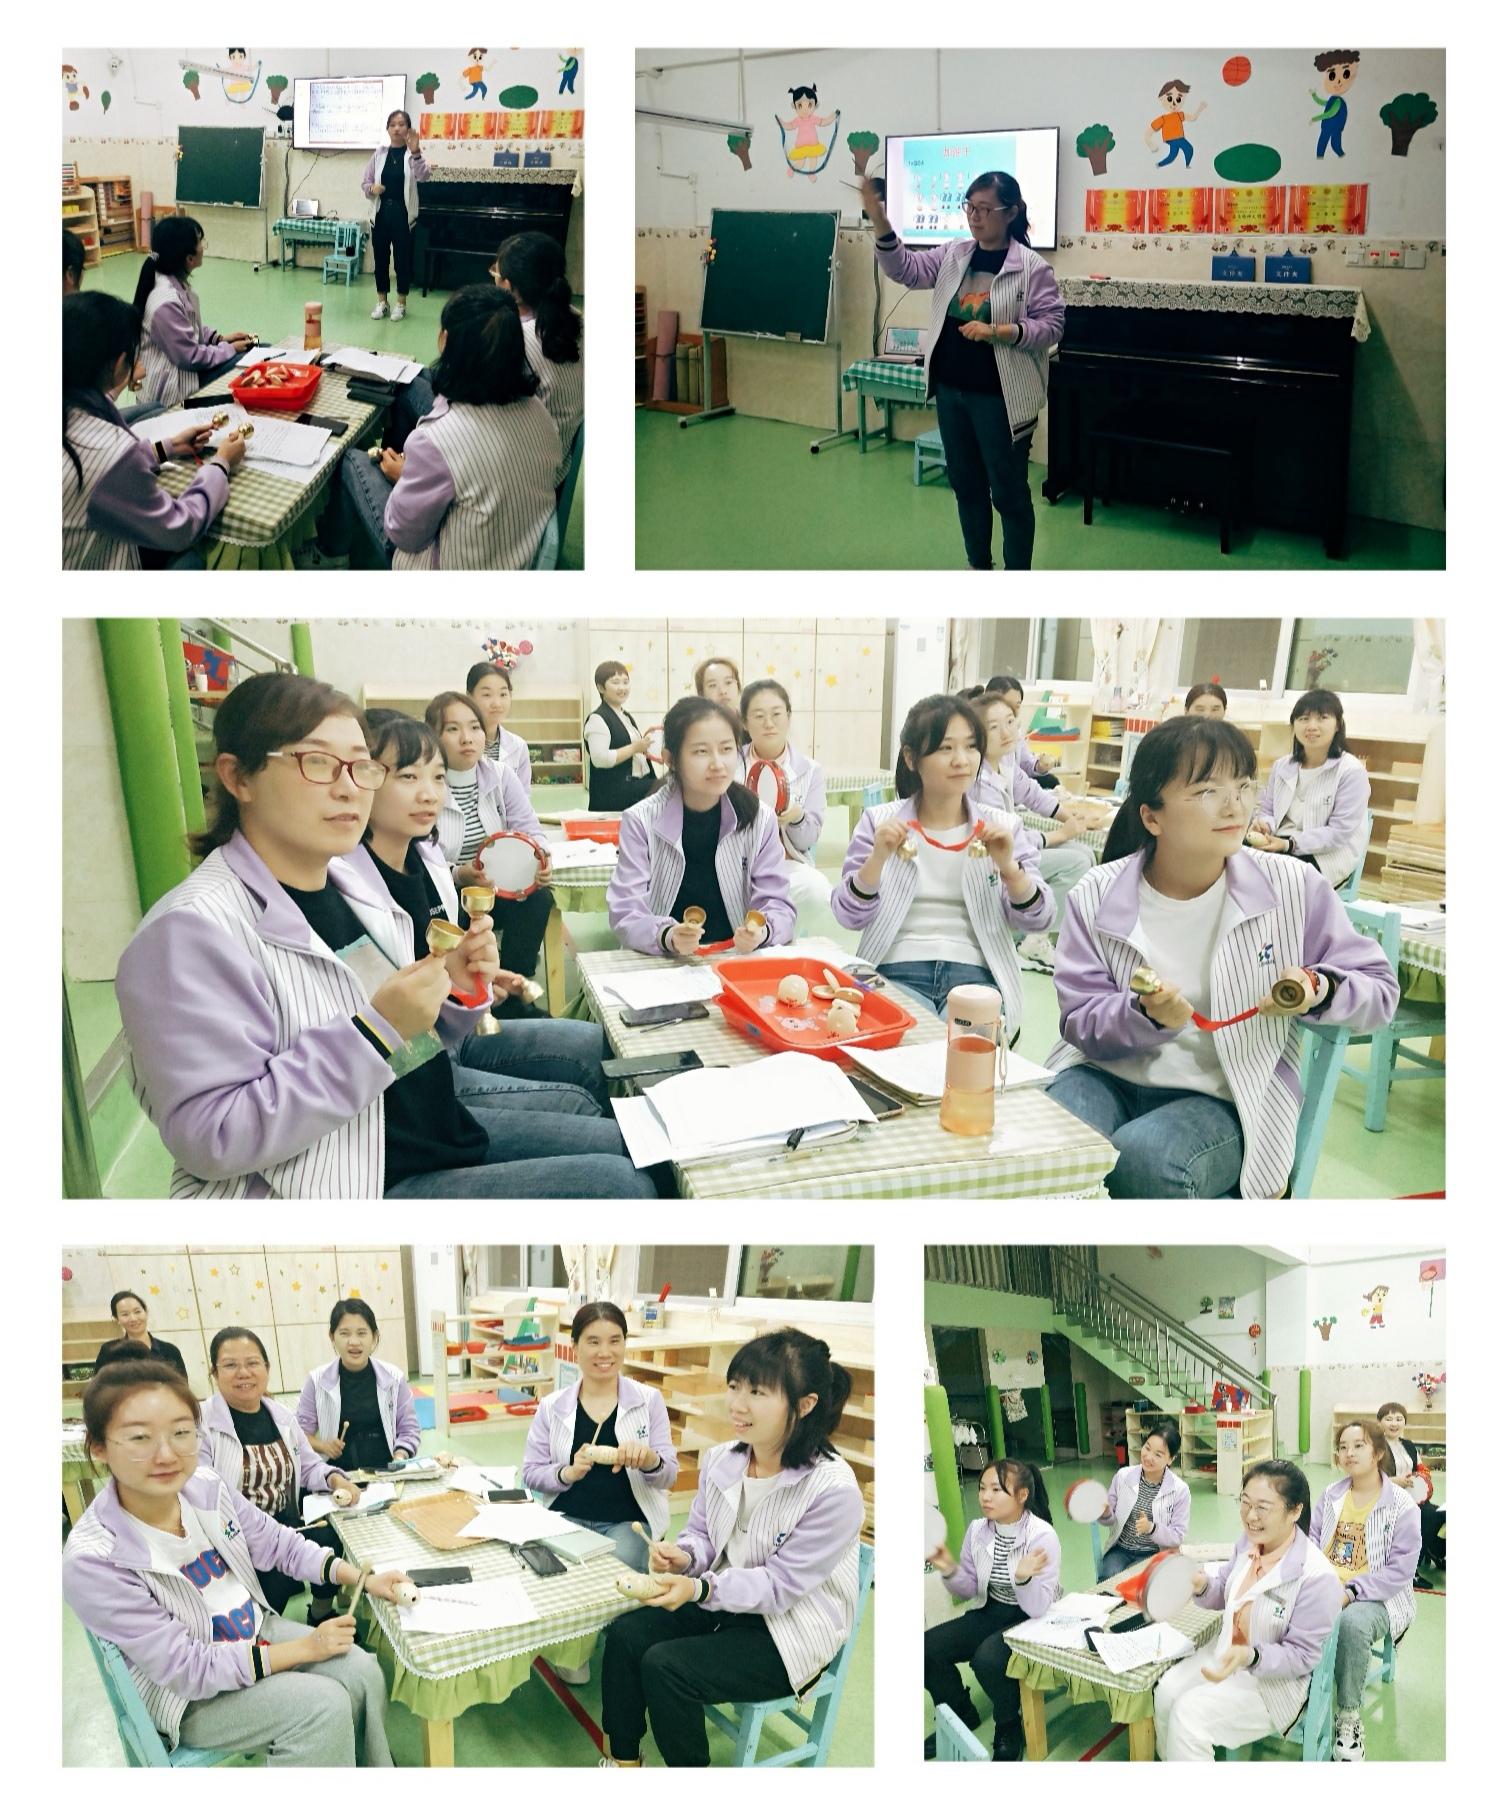 """""""打""""出精彩,与乐同行 ——福清西山学校幼儿园打击乐教研活动"""